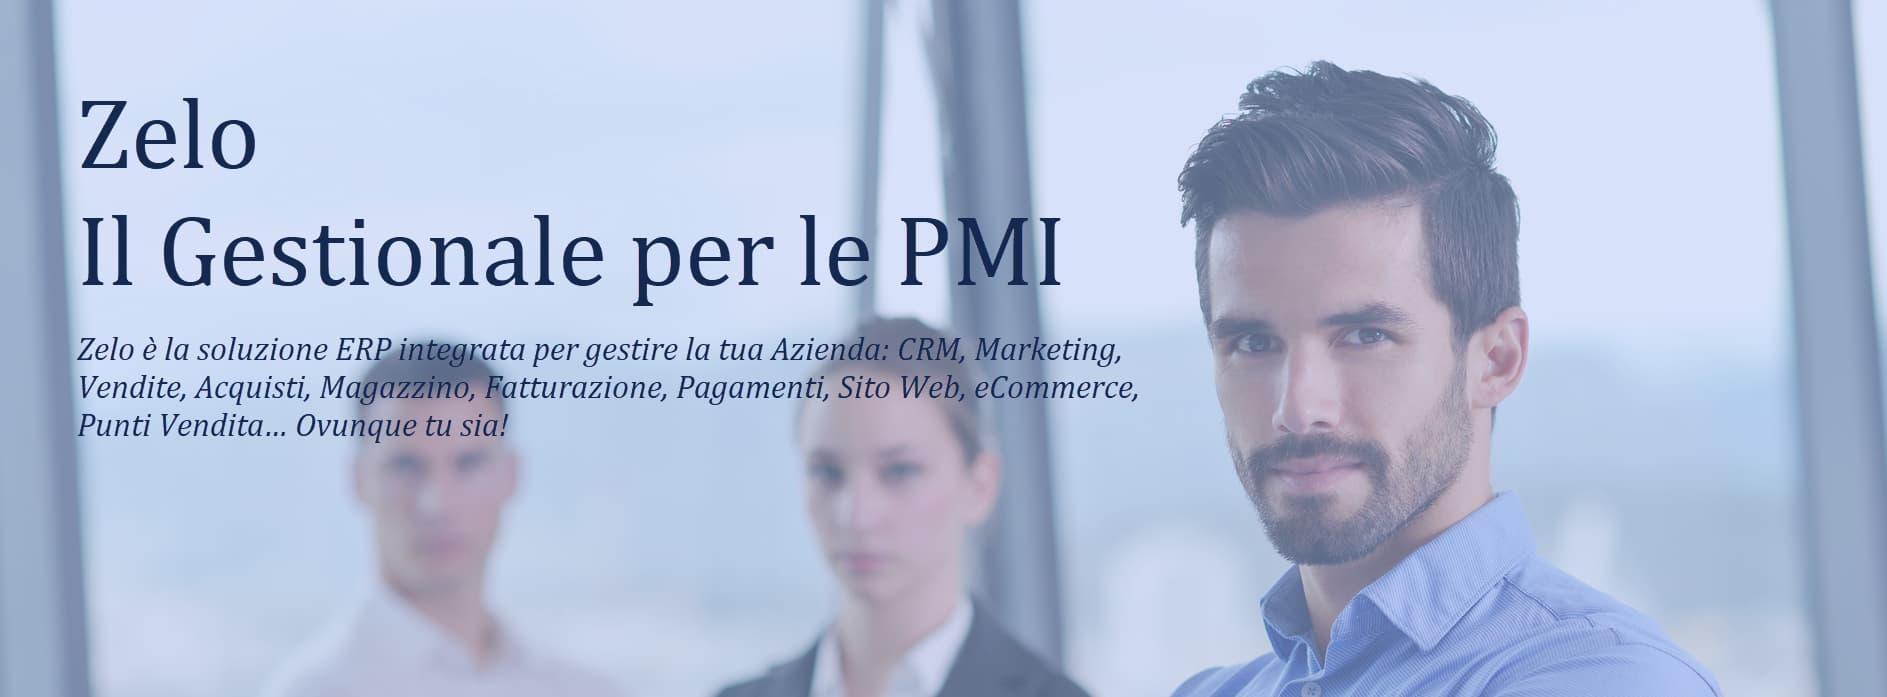 Recensioni Zelo: Il gestionale per aziende dedicato alle PMI italiane - Appvizer